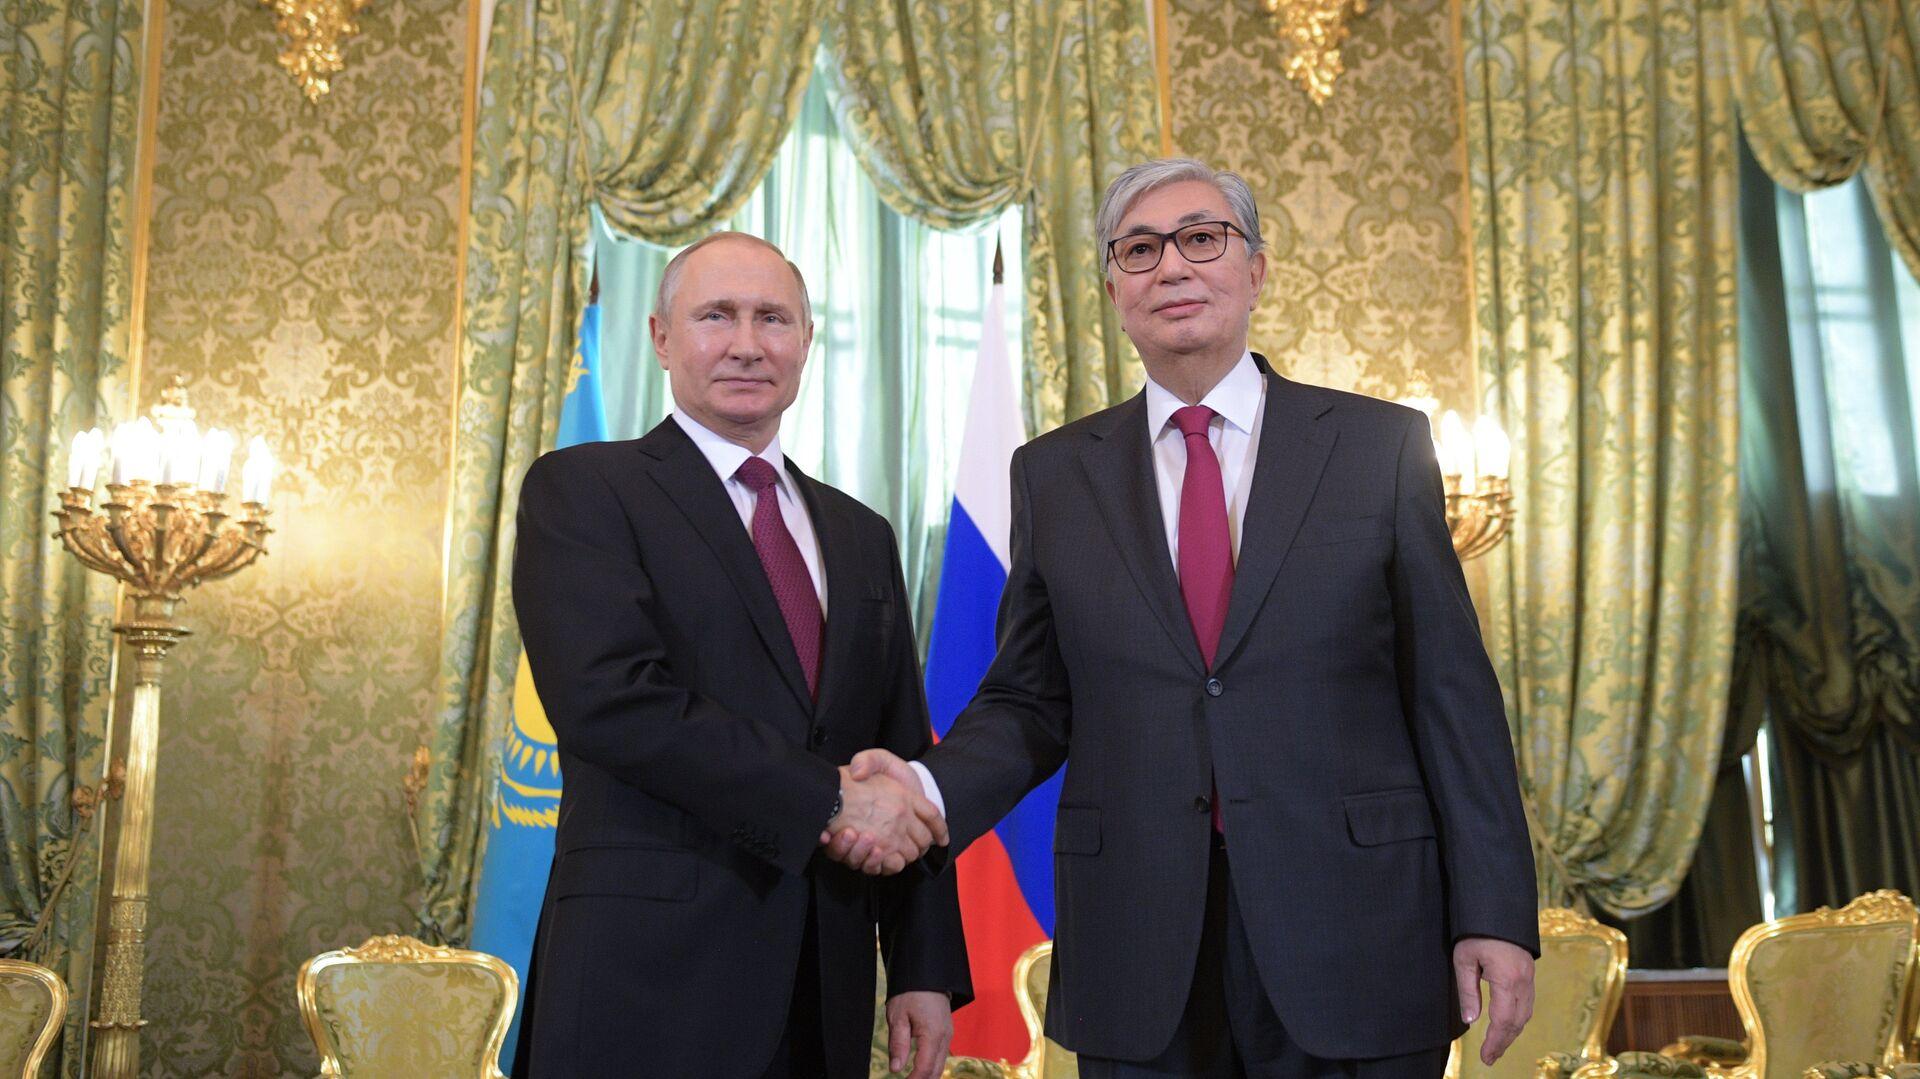 Kazakistan'ın yeni Devlet Başkanı Kasım Cömert Tokayev ile Rusya Devlet Başkanı Vladimir Putin - Sputnik Türkiye, 1920, 24.07.2021